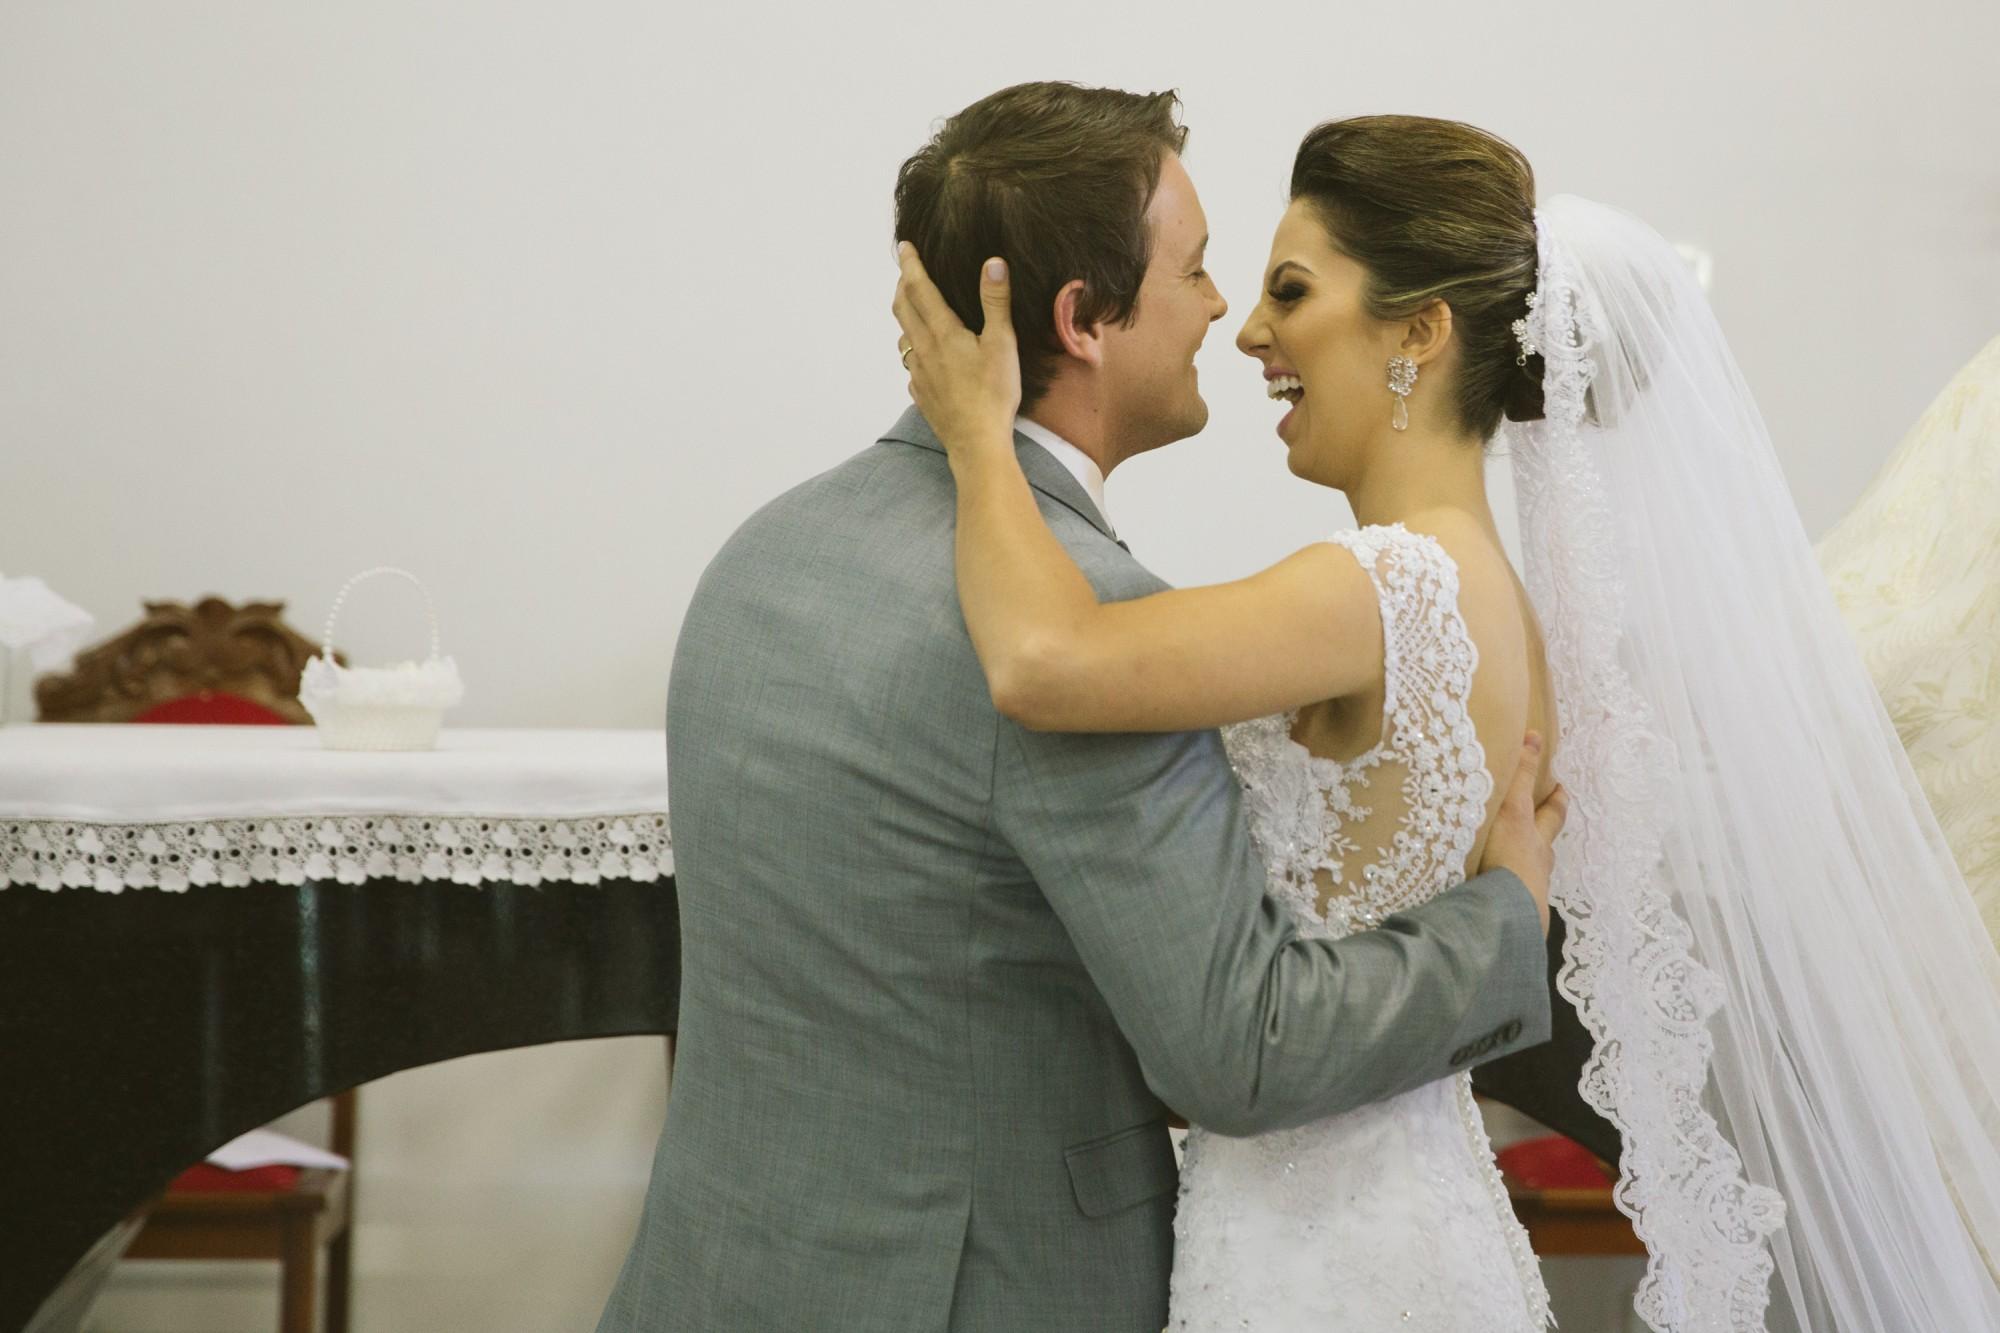 Maiara Kuki e Ricardo - Casamento em Palotina - PR por Lorran Souza e Léia Sotile - fotografo de casamentos00012